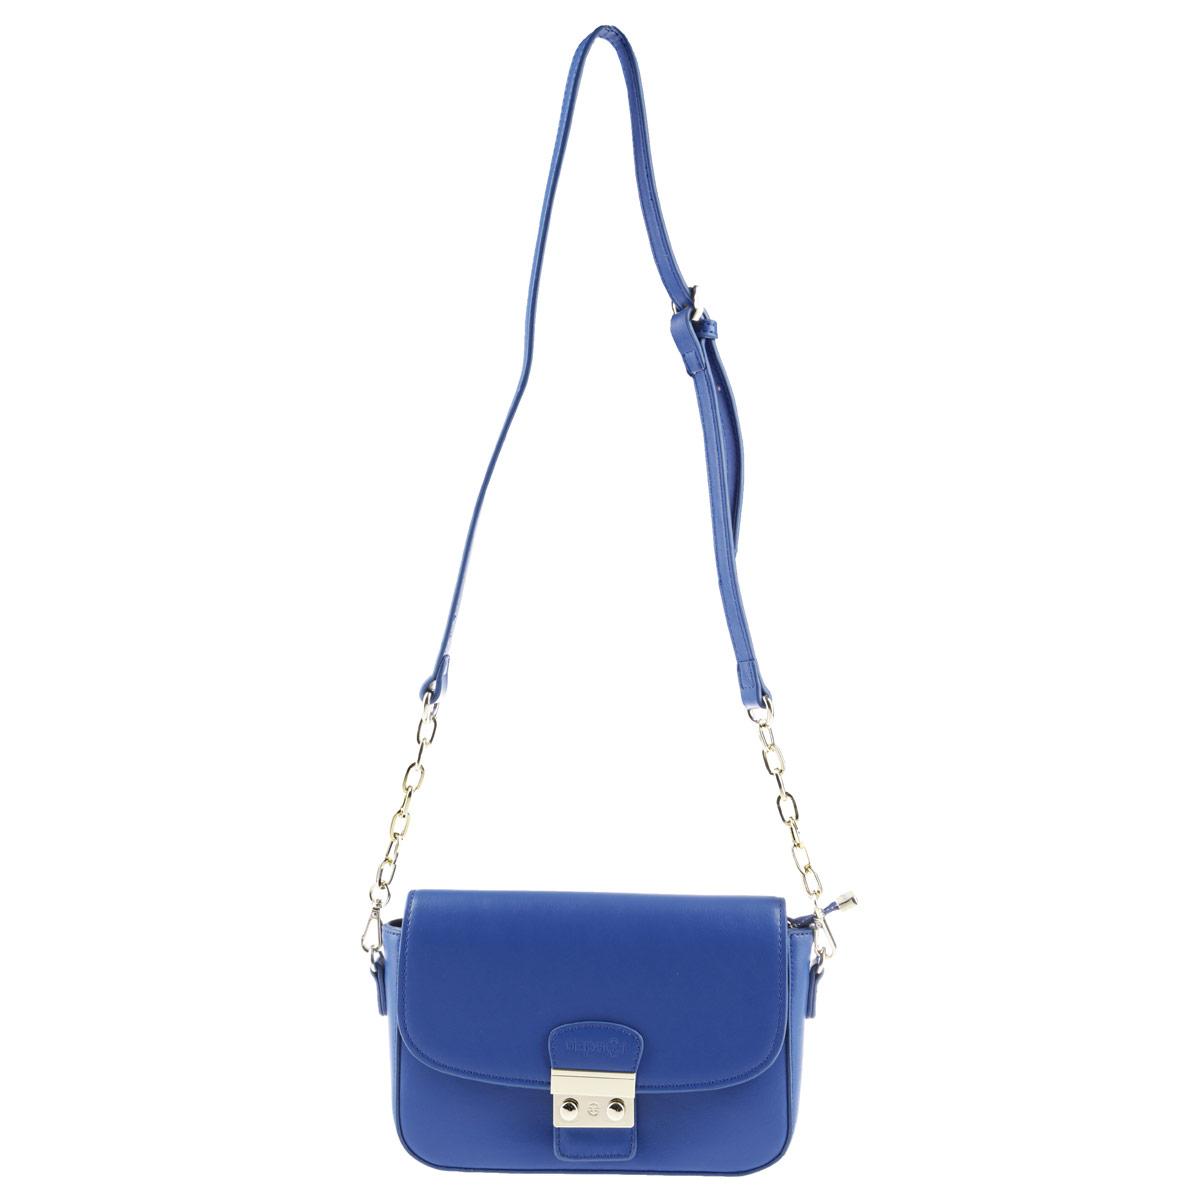 Сумка женская Dispacci, цвет: синий. dmk6468dmk6468Компактная сумка Dispacci из экокожи займет достойное место в вашей коллекции аксессуаров. Модель закрывается на застежку-молнию и дополнительно клапаном на оригинальный замочек. Внутри - одно отделение, не большой плоский карман на застежке-молнии, два накладных кармашка для телефона и мелочей. Лицевая сторона дополнена втачным кармашком на застежке-молнии. Регулирующийся плечевой ремень оформлен по краям вставками в виде цепочки. Изделие упаковано в фирменный чехол. Постоянно нарастающий темп жизни диктует дамам свои правила. Современная женщина обязана быть стильной, мобильной, всё везде успевать, но в то же время умудряться оставаться красивой, ухоженной и элегантной. Минимум вещей, максимум идей! И для этого минимального количества самых необходимых вещей, девушки все чаще и чаще отдают предпочтение маленьким компактным сумочкам от бренда Dispacci!